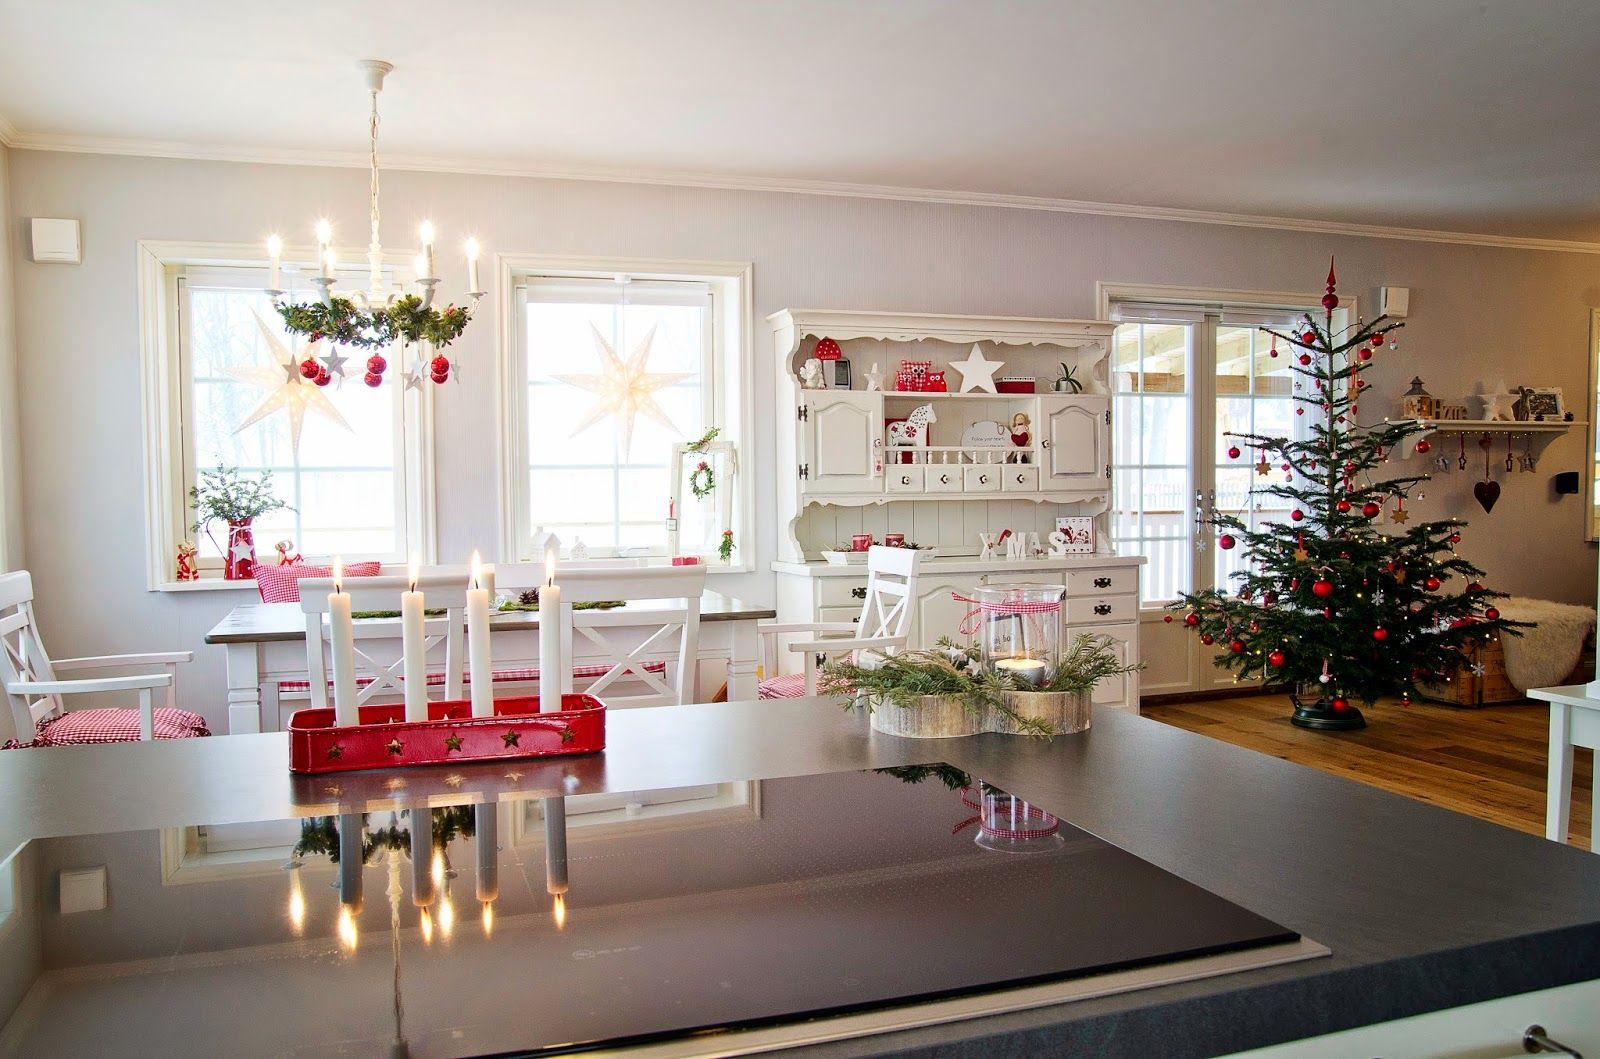 kleine lotta unser schwedenhaus kleine lotta. Black Bedroom Furniture Sets. Home Design Ideas